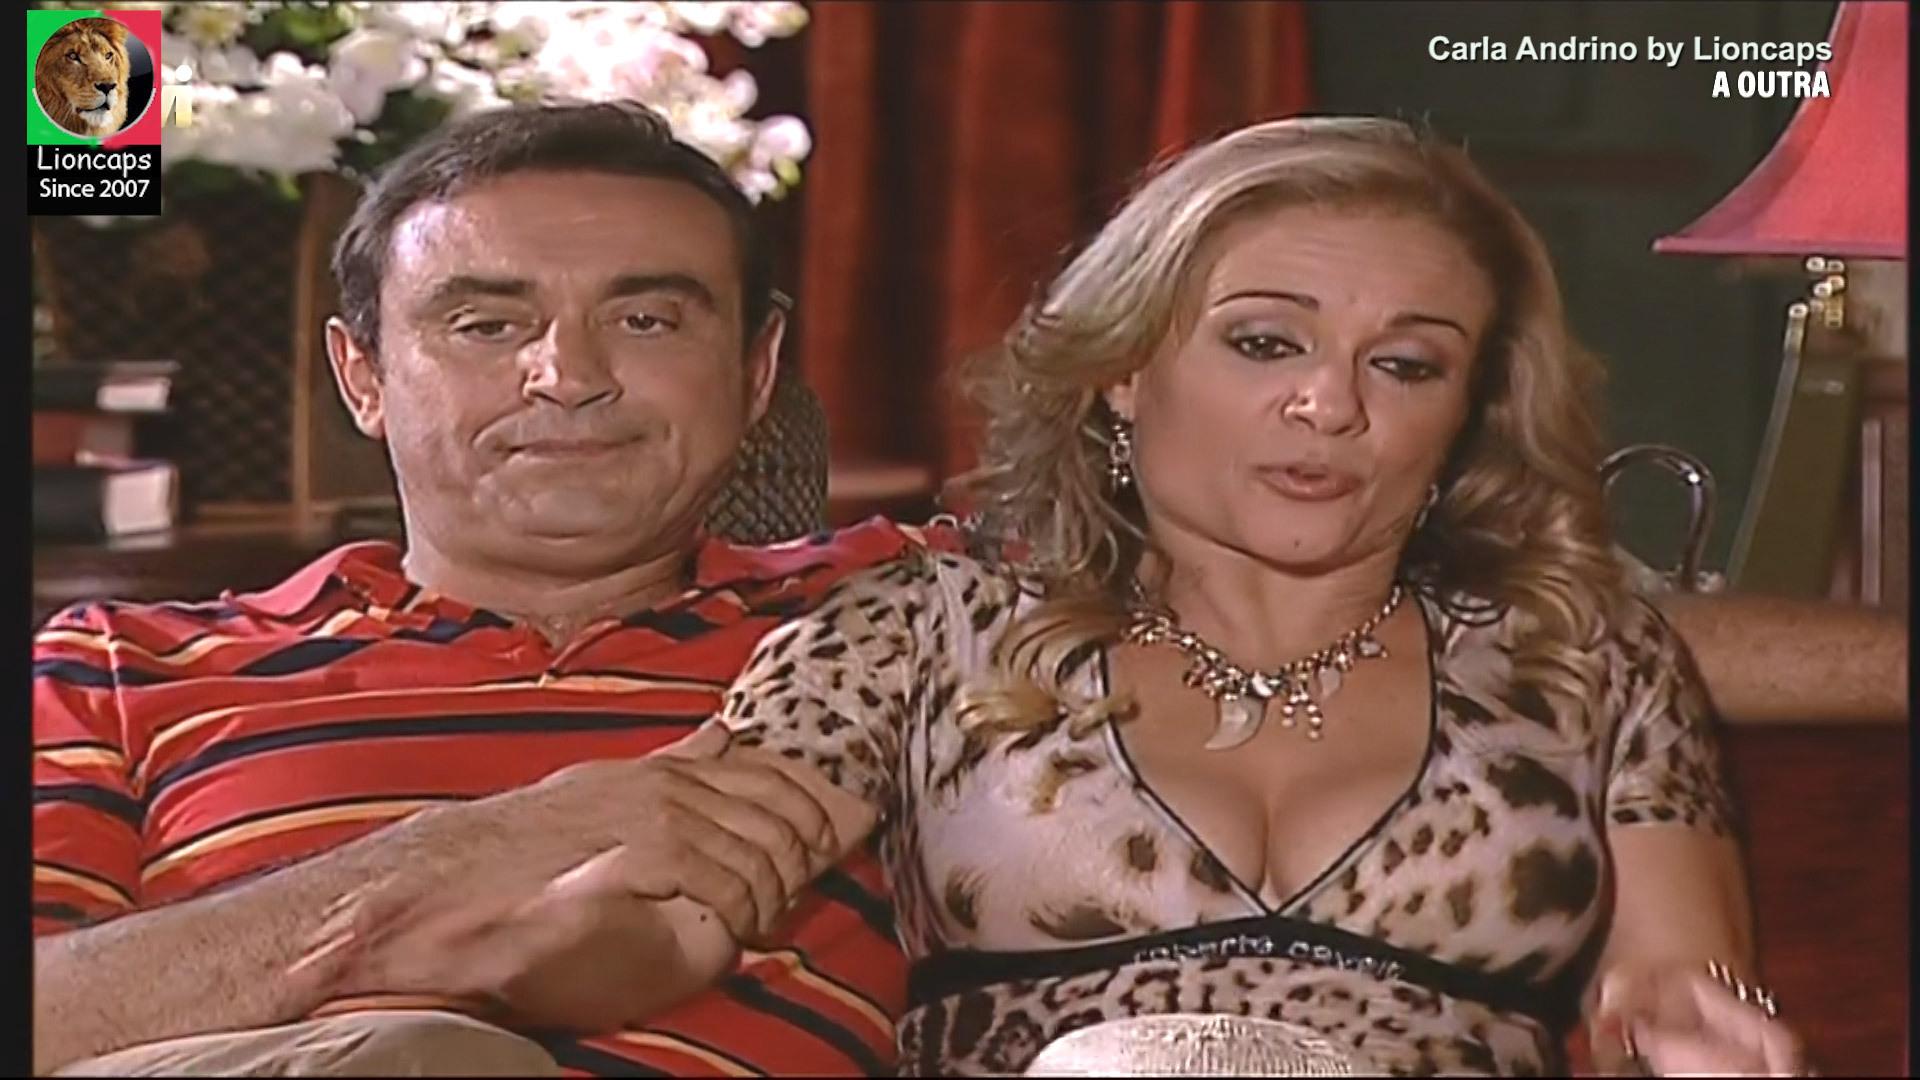 carla_andrino_outra_lioncaps_17_01_2021_02 (19).jpg